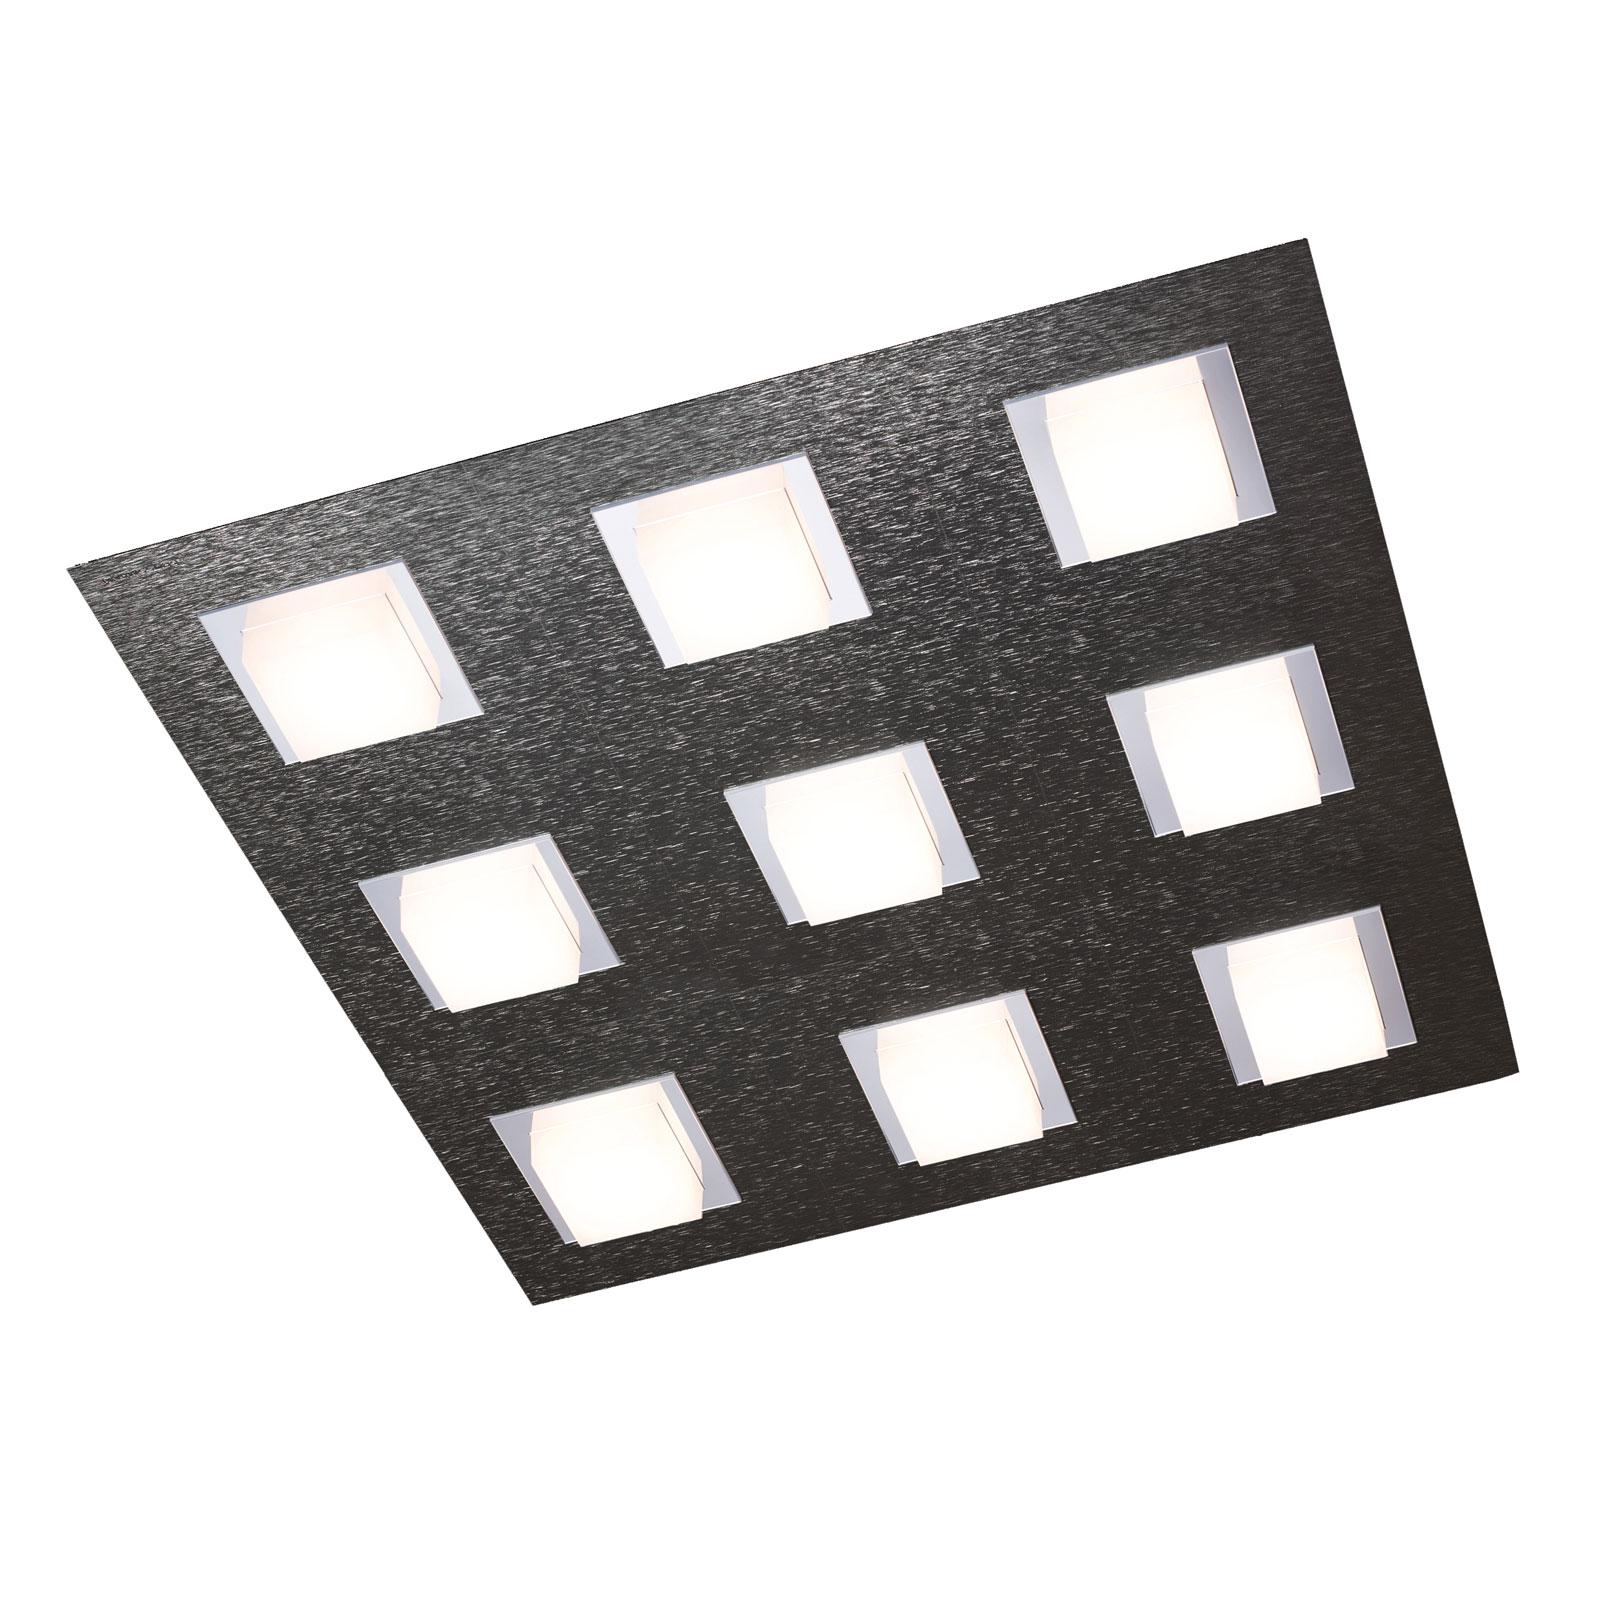 GROSSMANN Basic taklampe, 9 lyskilder, antrasitt